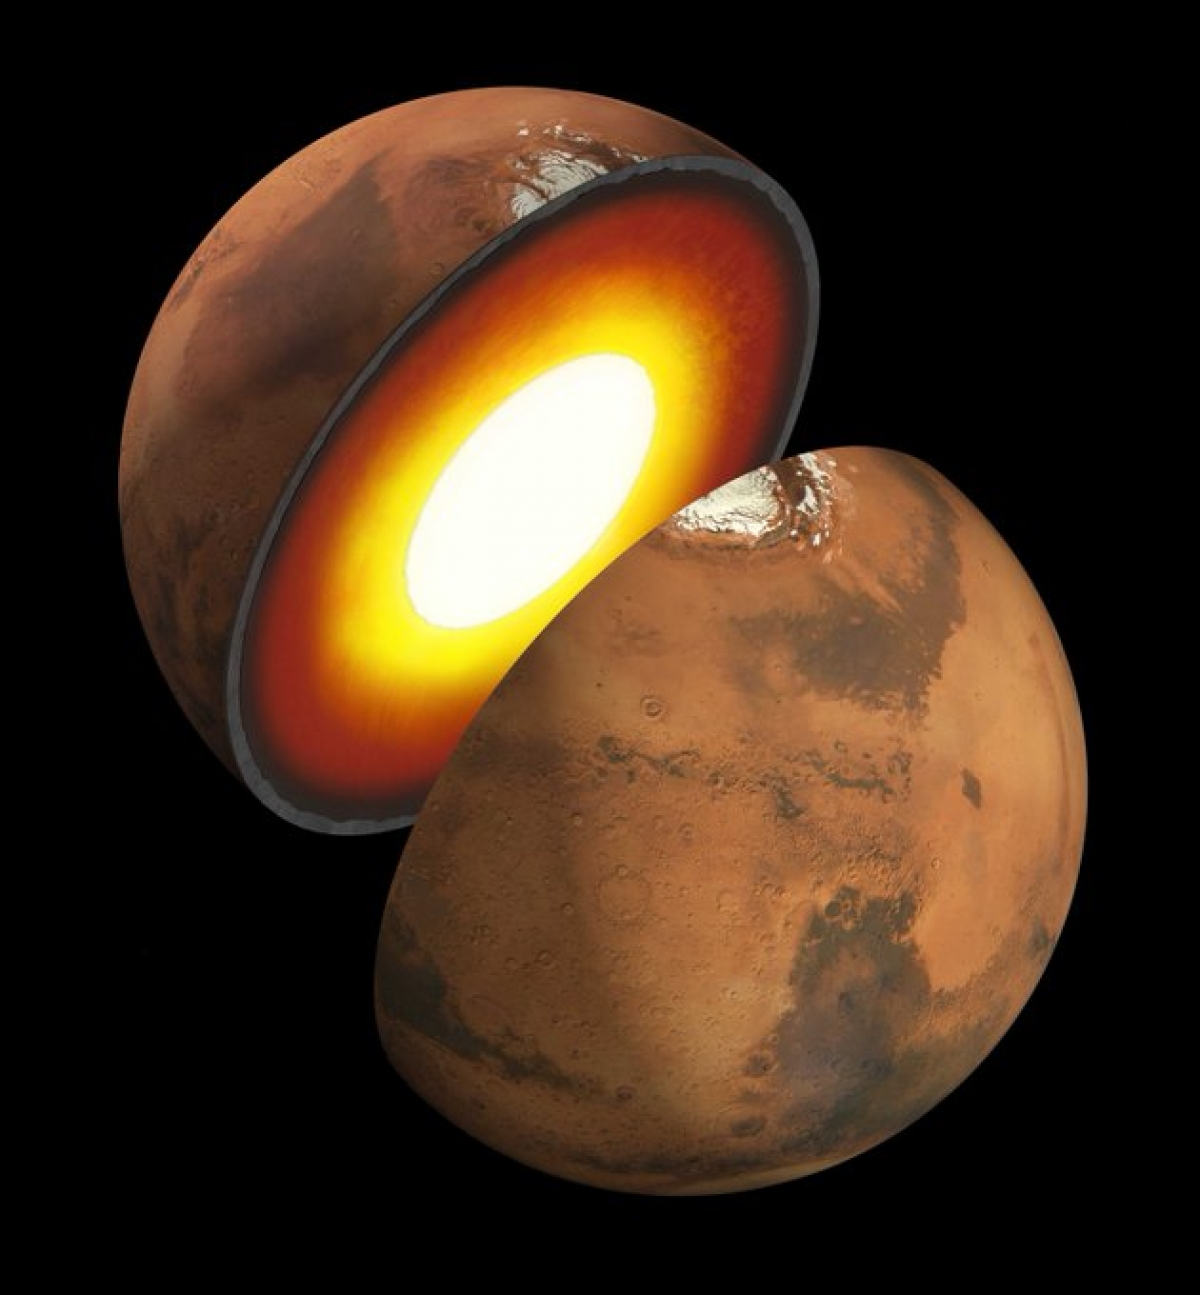 InSight đã lần đầu tiên vẽ được bản đồ bên trong sao Hỏa với một số tiết lộ bất ngờ. Ảnh: NASA